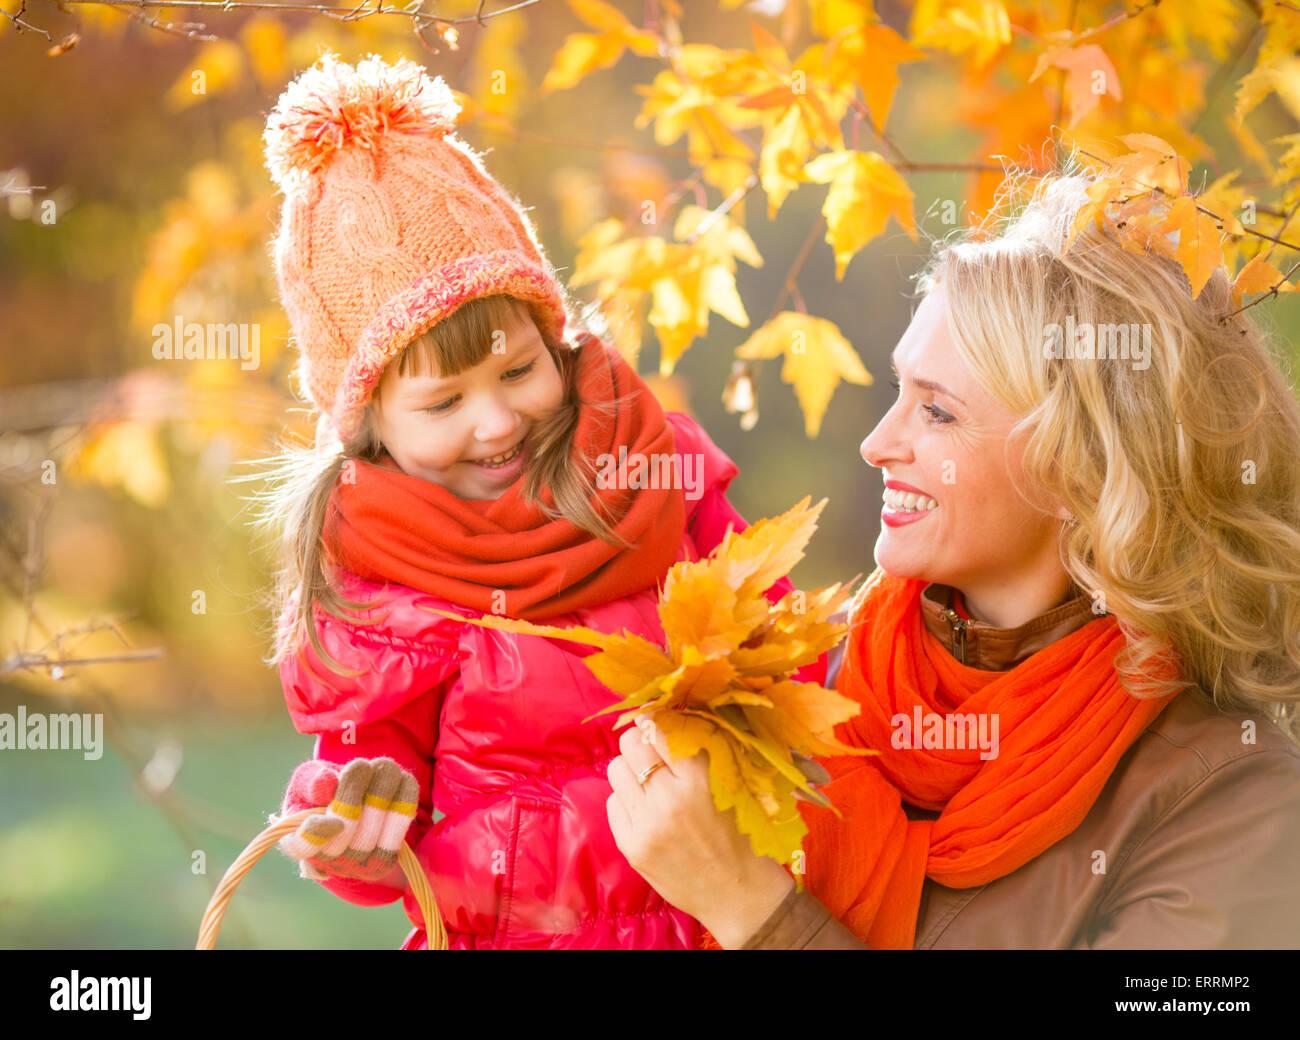 Smiling mother et de plein air pour enfants avec des feuilles jaunes d'automne Photo Stock